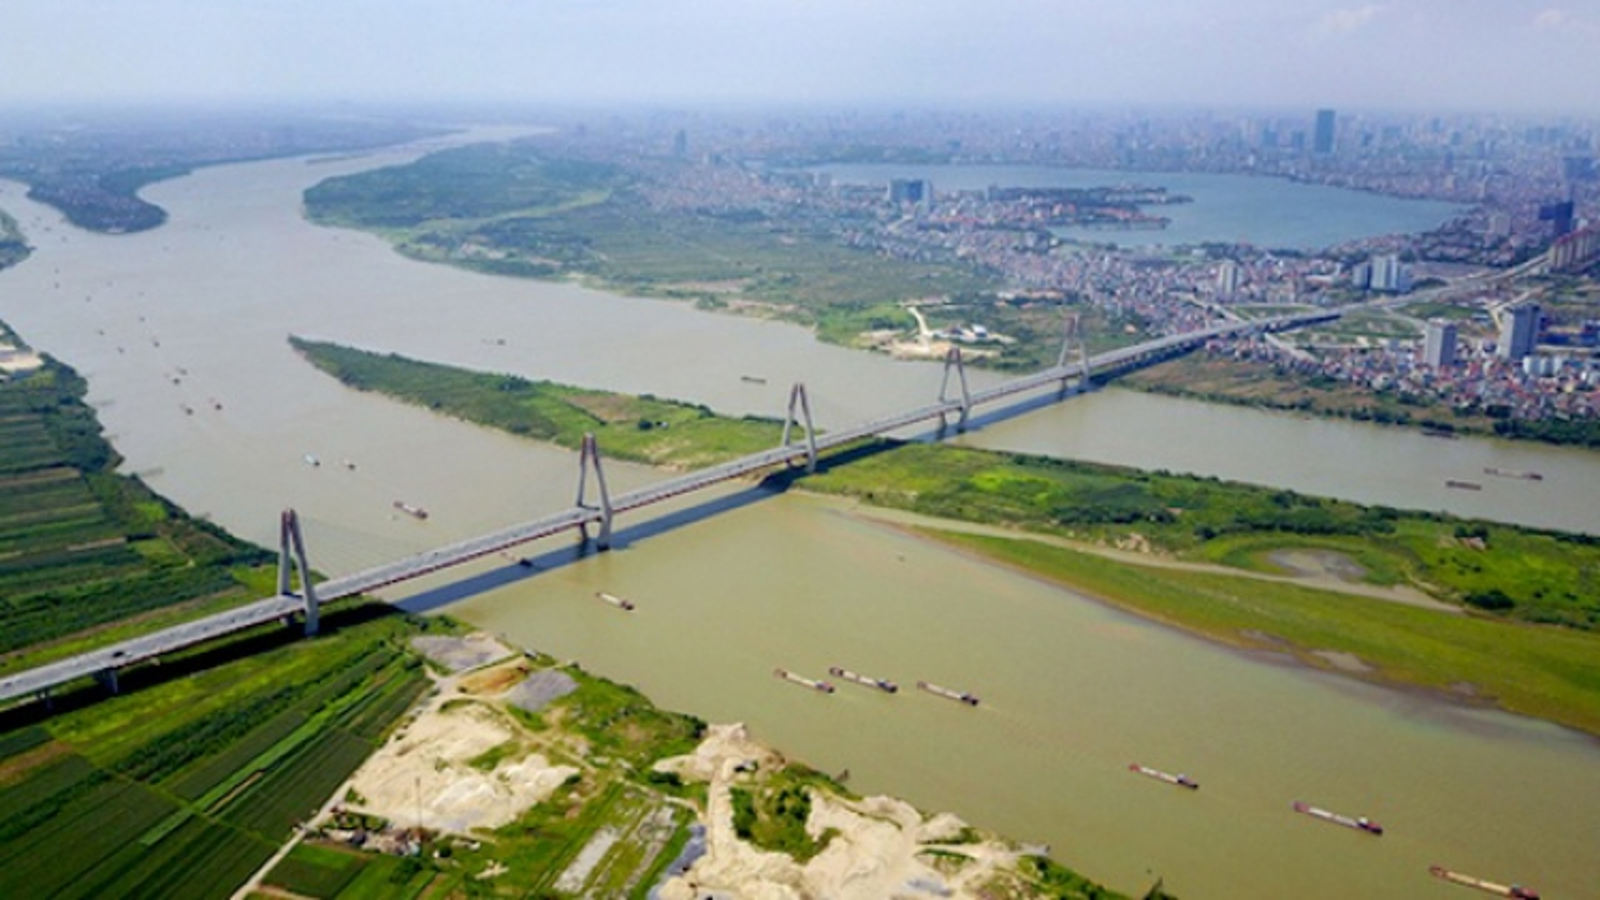 Siêu dự án thành phố ven sông Hồng, mỏ vàng để hoang hóa bấy lâu nay